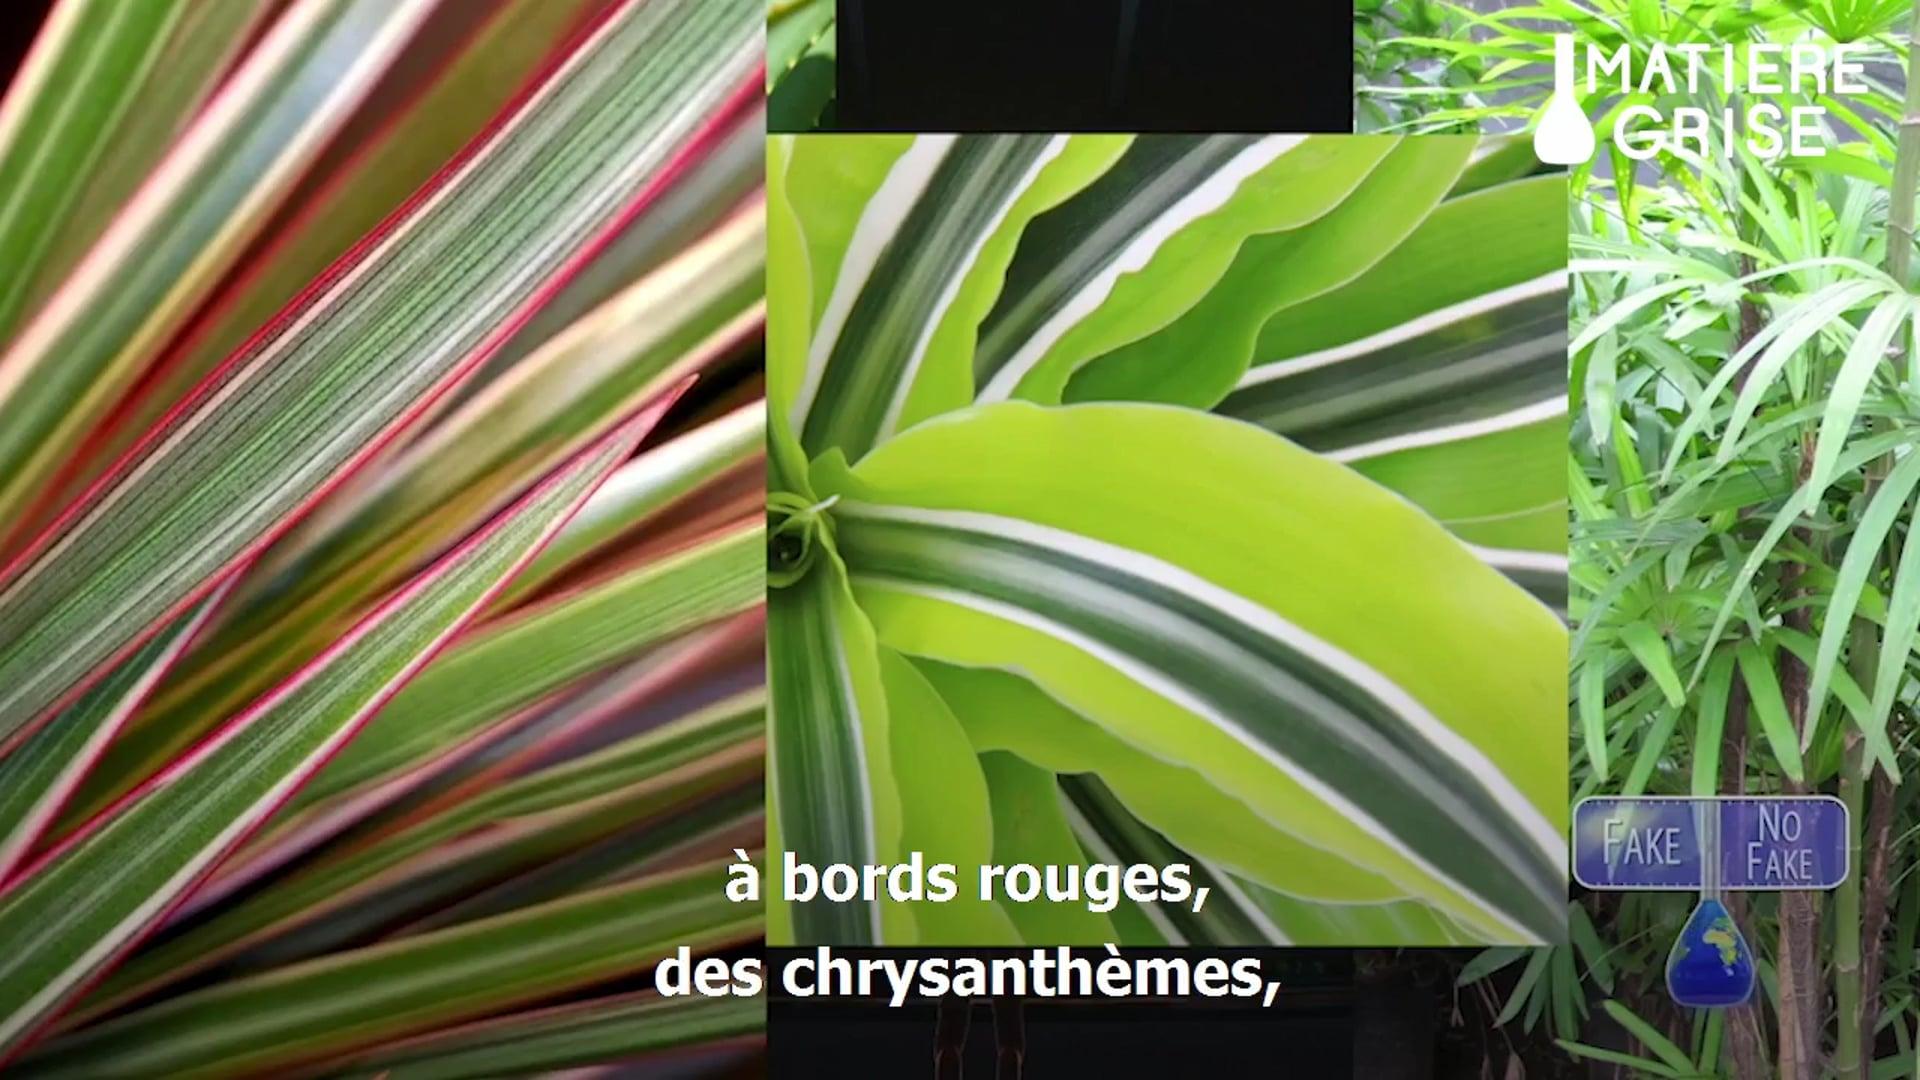 Matière Grise: Les plantes et l'oxygène